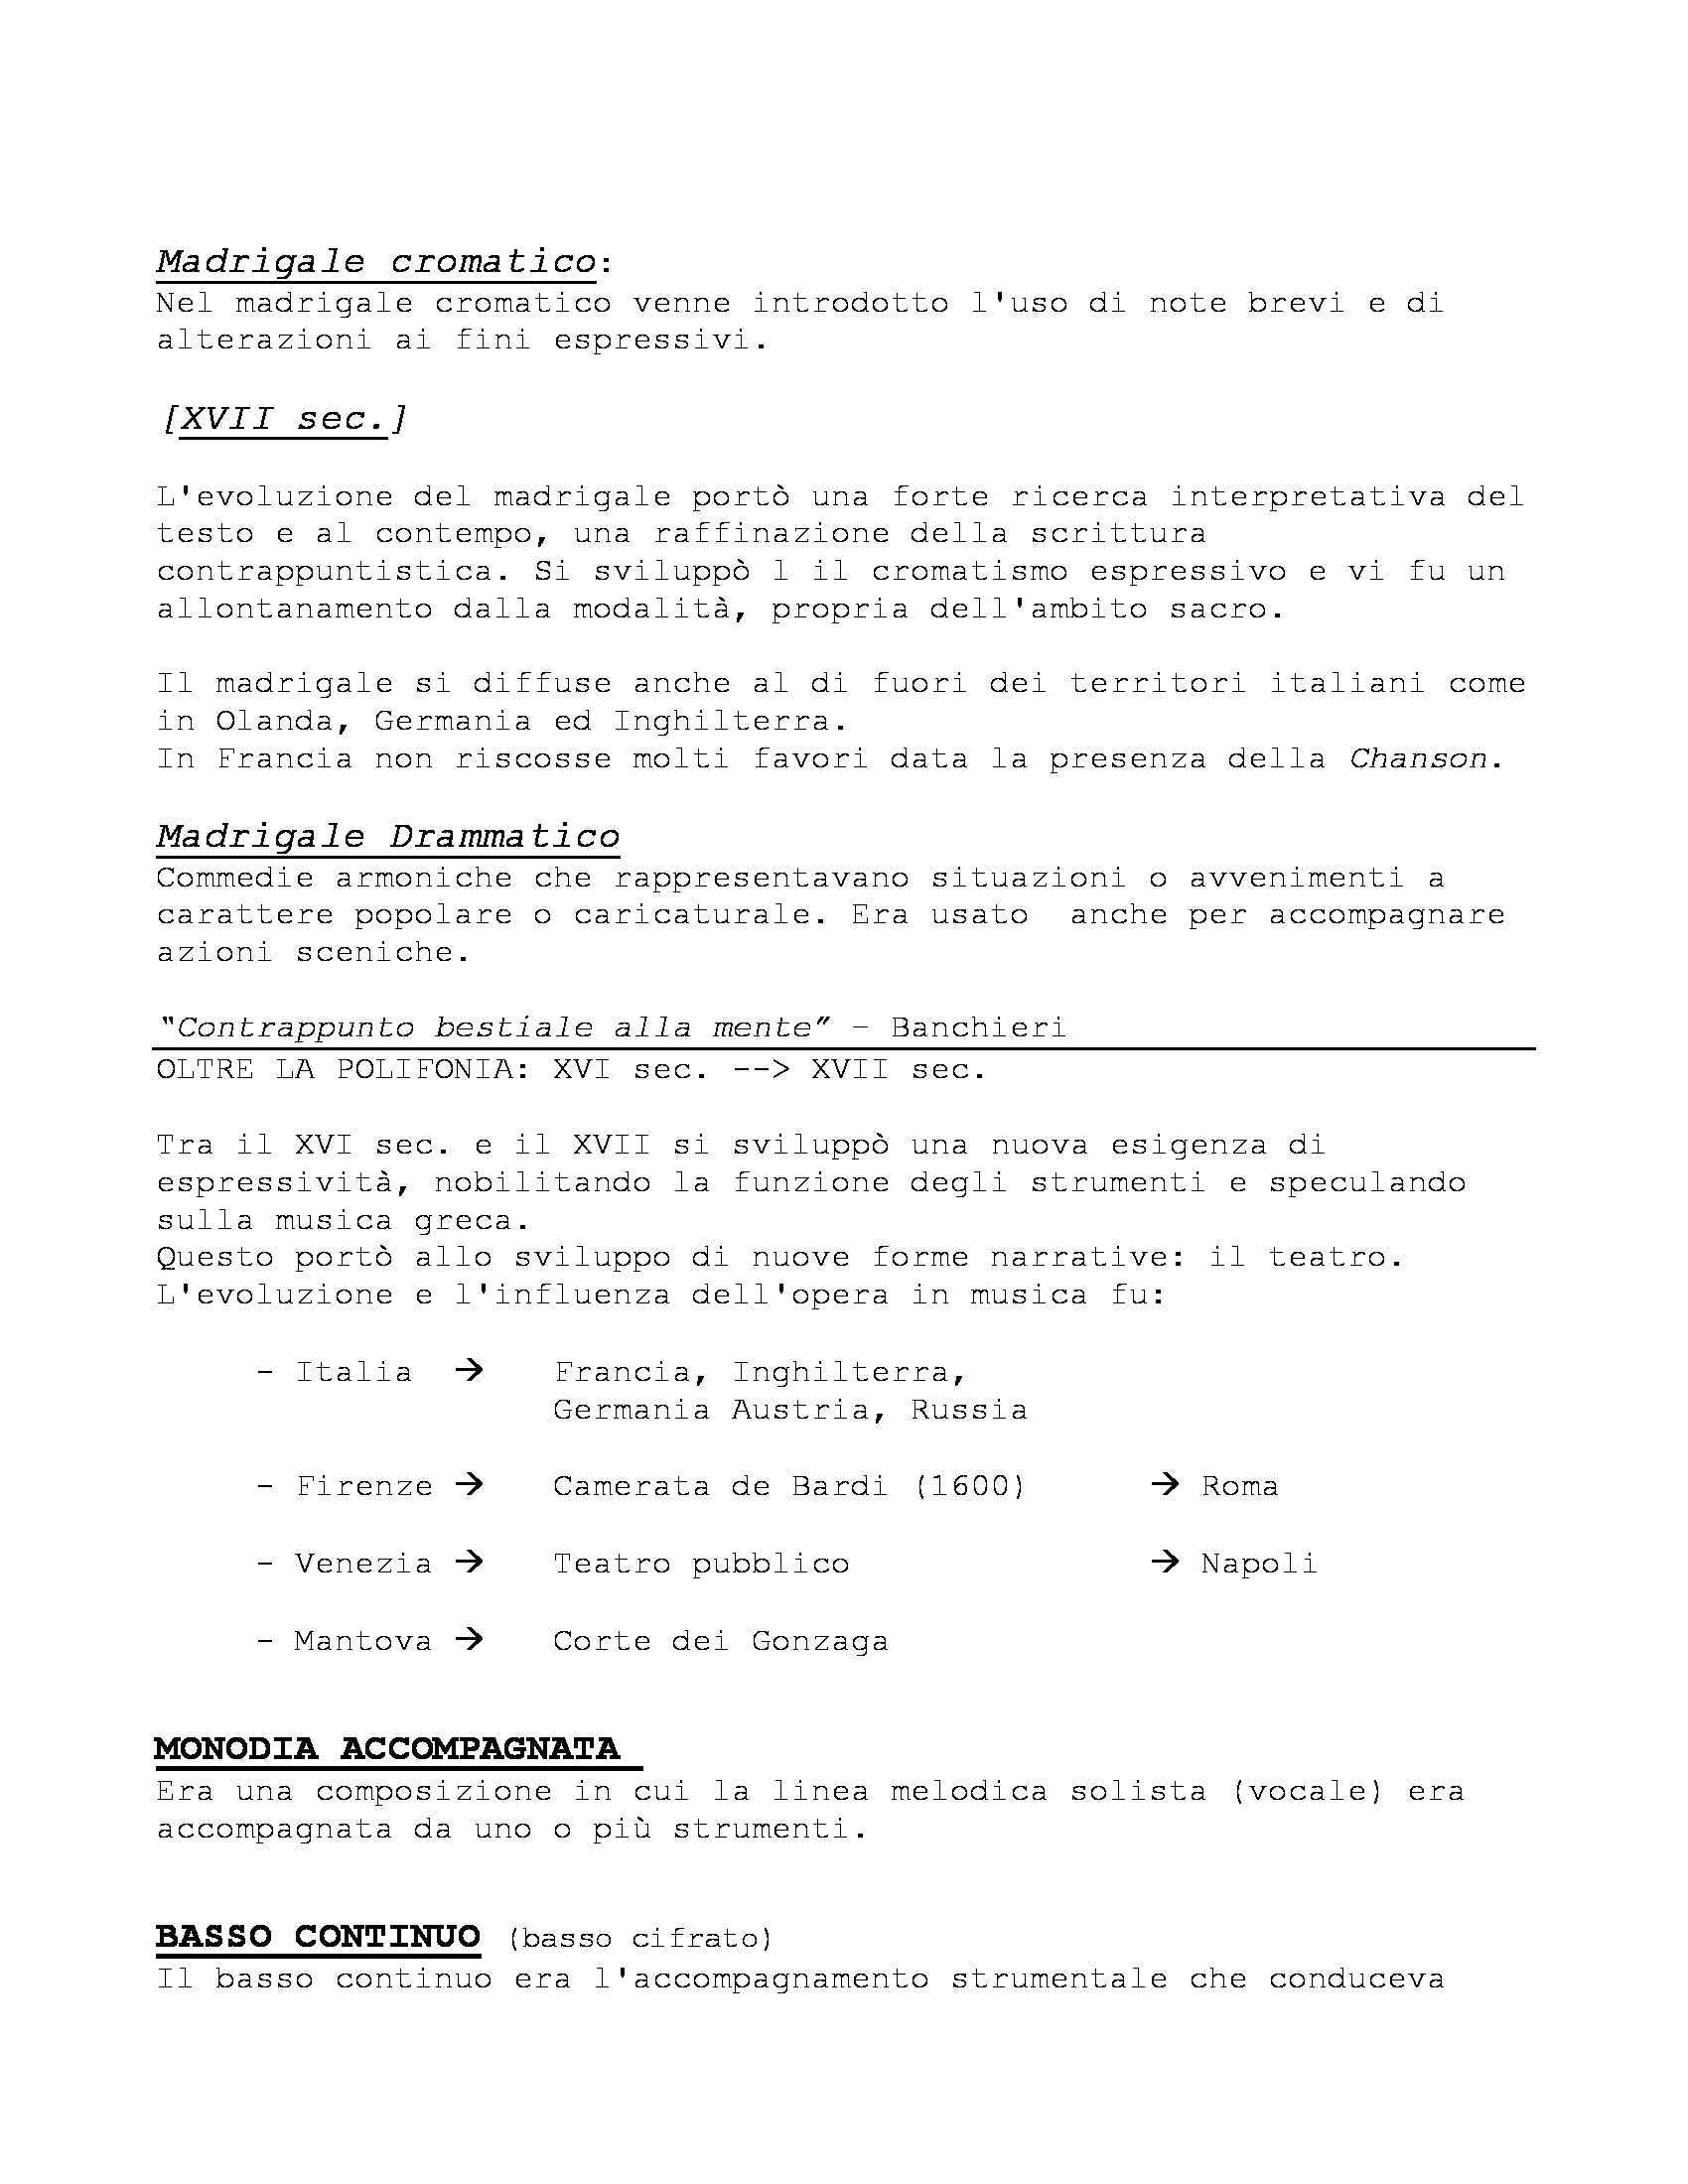 Storia delle Forme e Repertori Musicali 1 - Appunti Pag. 21